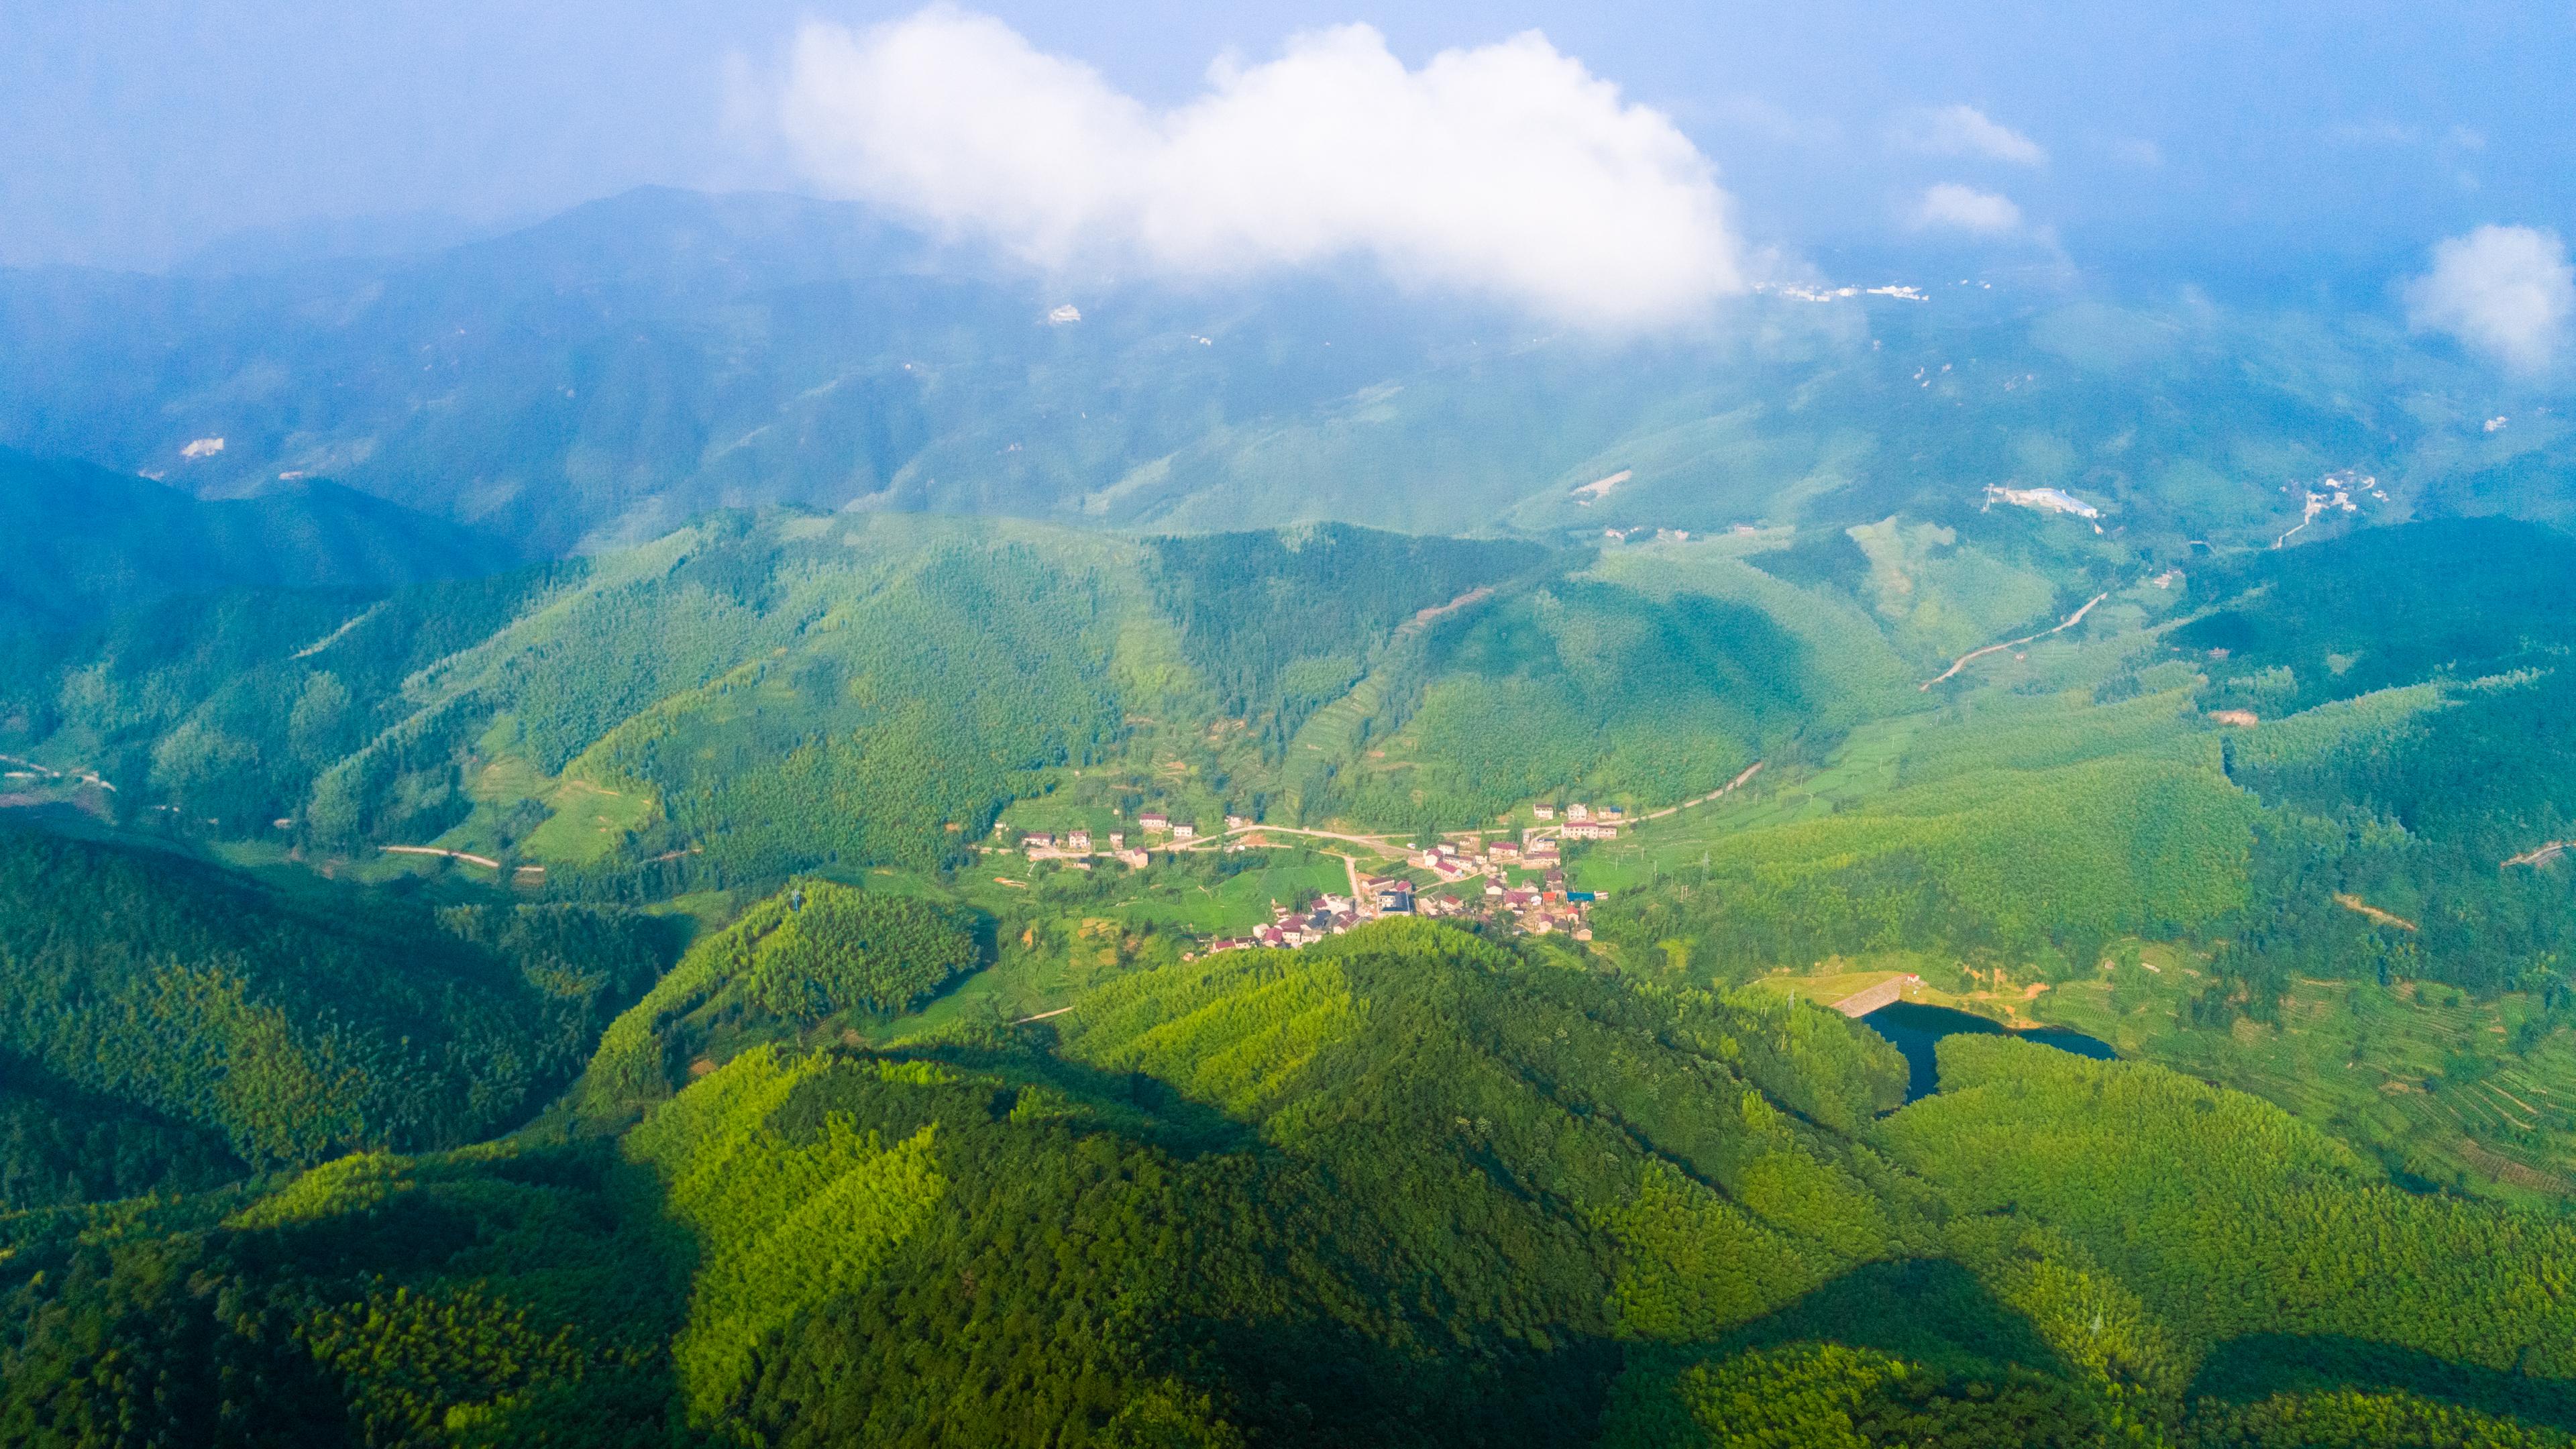 華頂國家森林公園